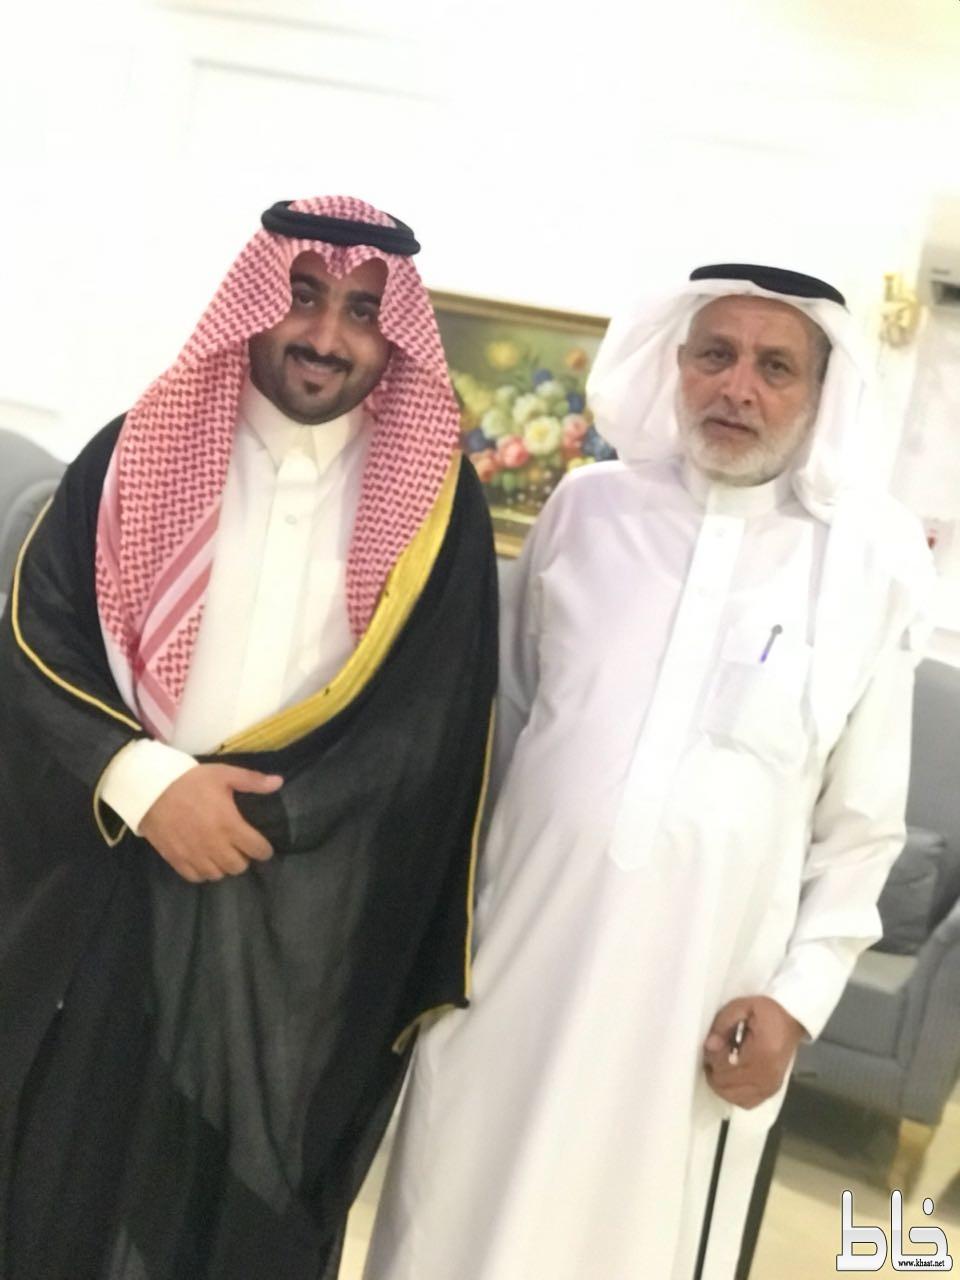 عبدالعزيز بن حسن بن ظافر يحتفل بزواجه